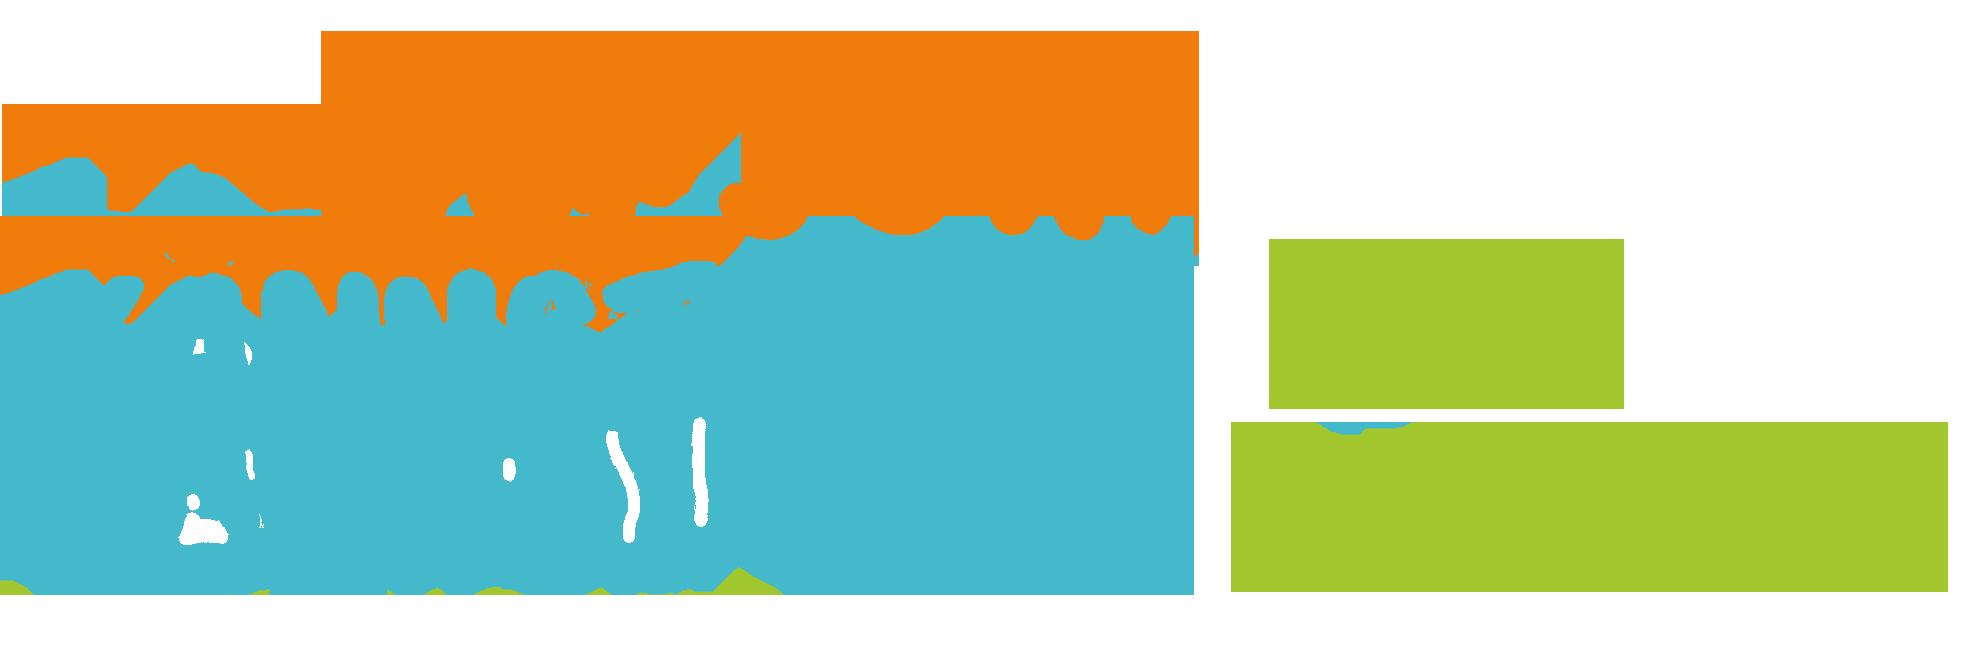 Bei-Joki-kannst-Du-was-bewegen